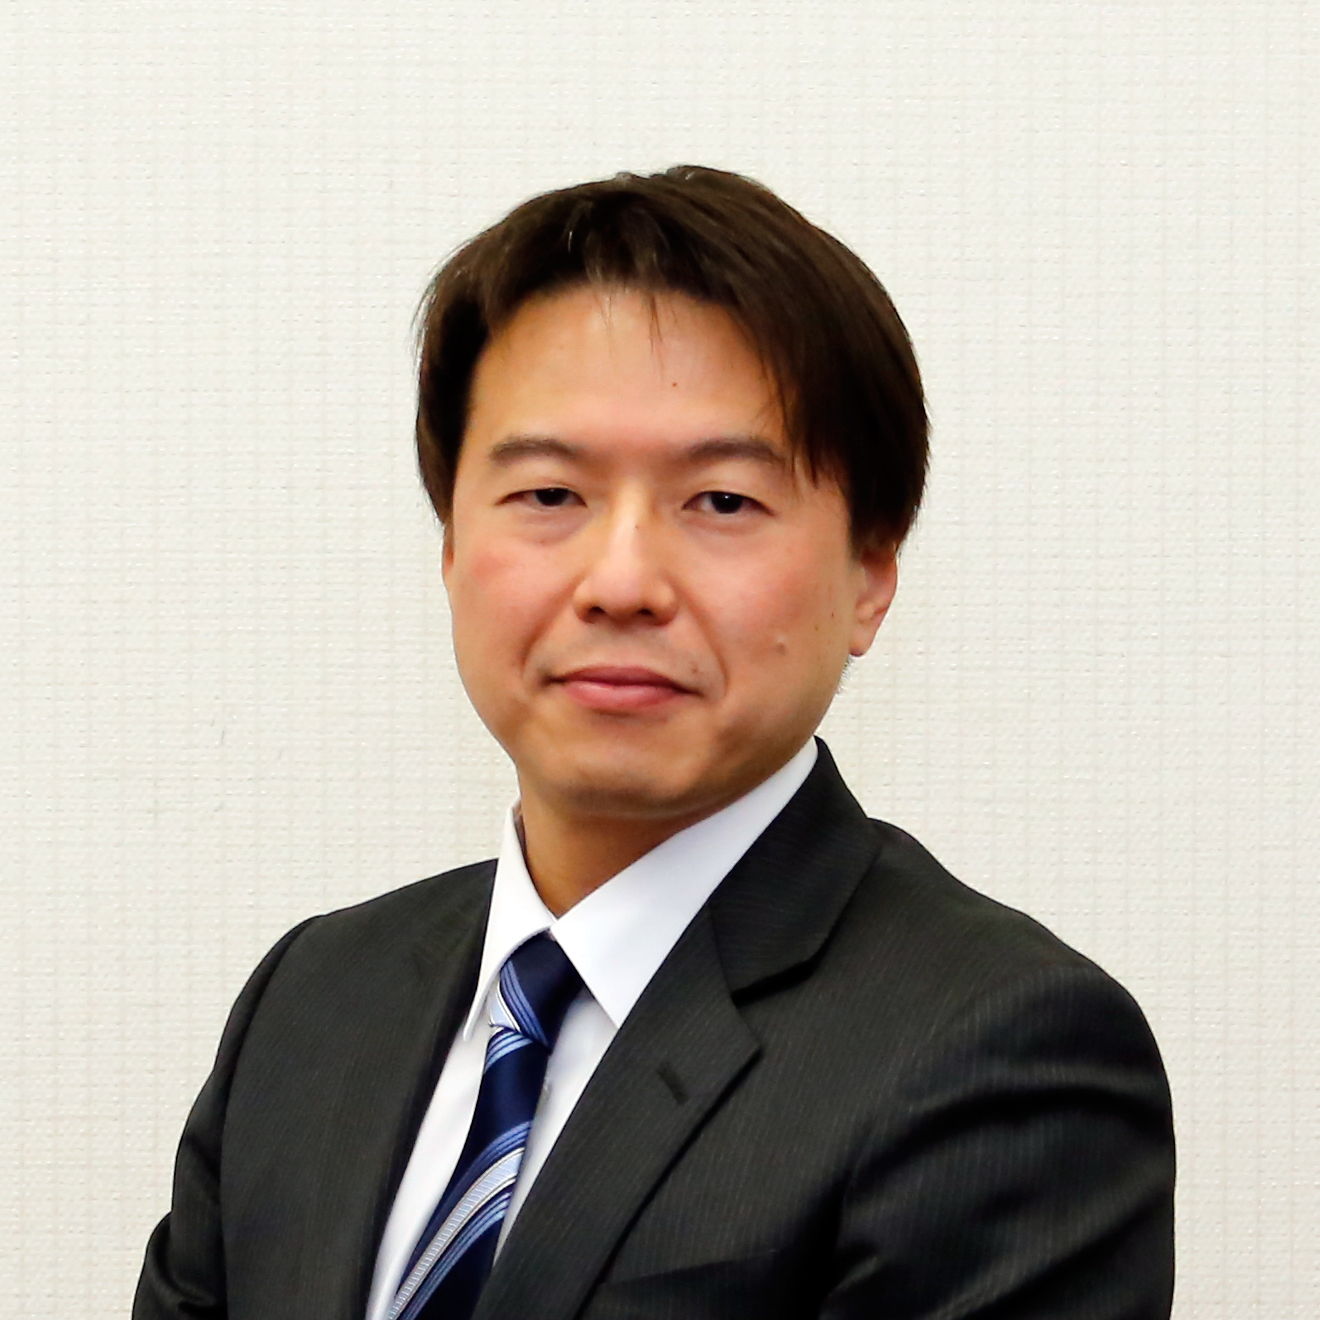 Shushi Kimura